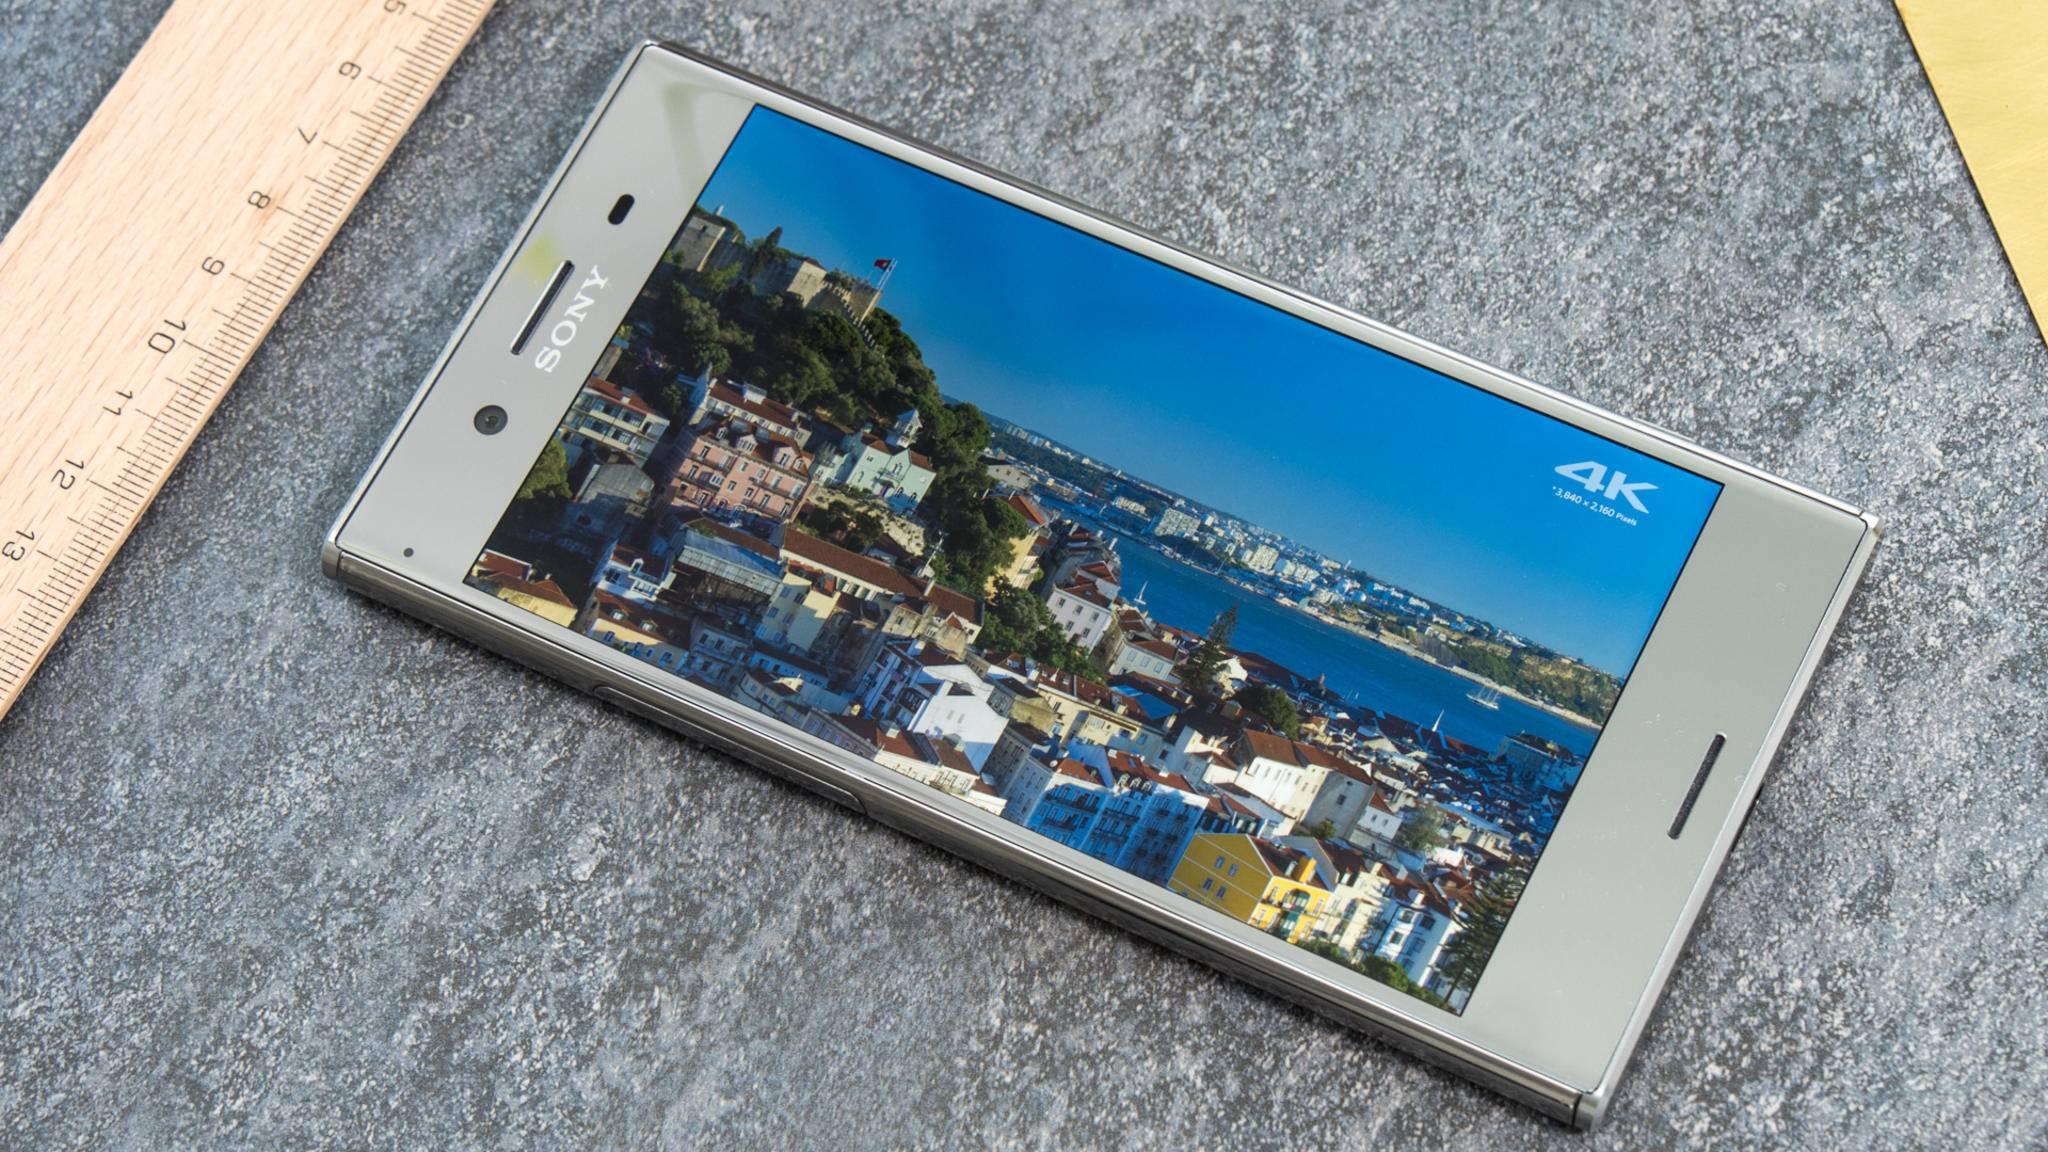 Das Sony Xperia XZ Premium wird mit einem 4K-HDR-Display beworben.